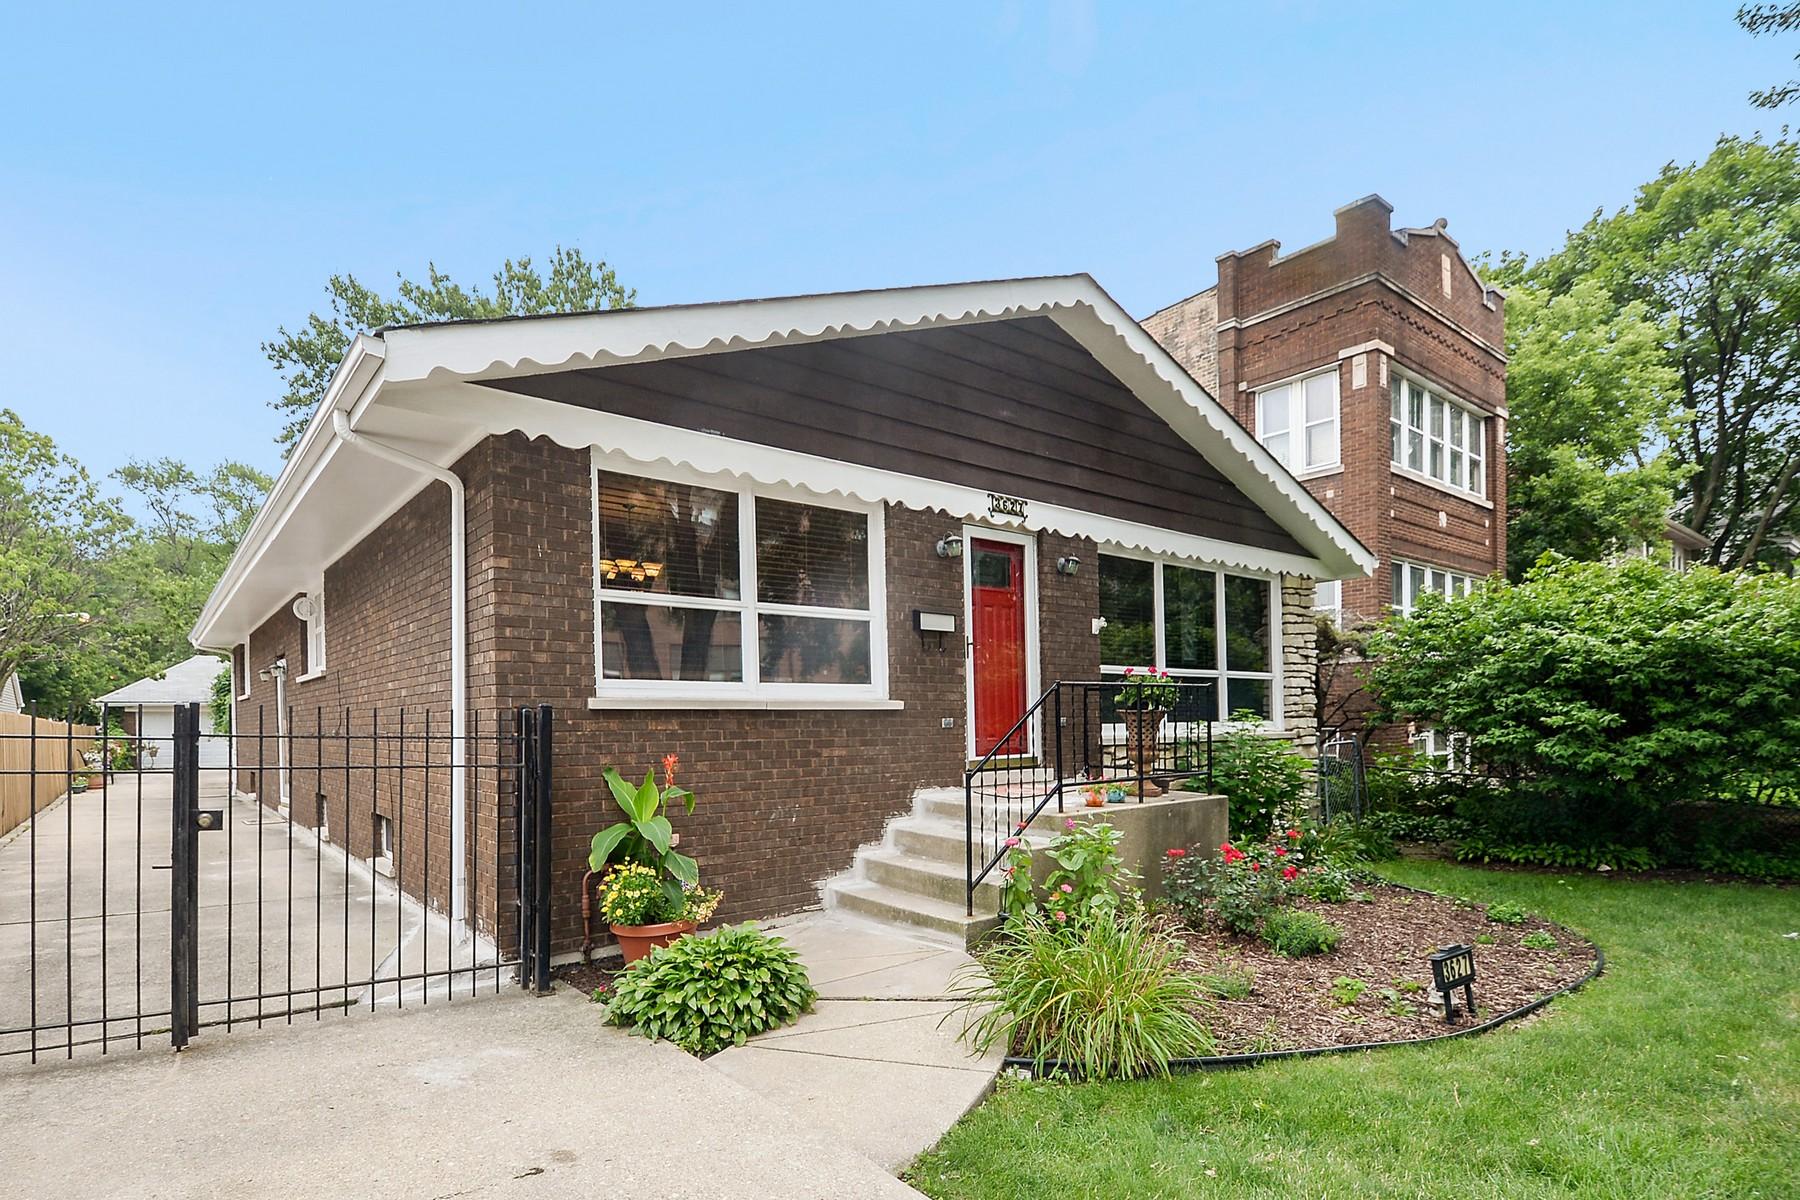 独户住宅 为 销售 在 Beautiful Old Irving Park Home 3627 N Kedvale Avenue 芝加哥, 伊利诺斯州, 60641 美国